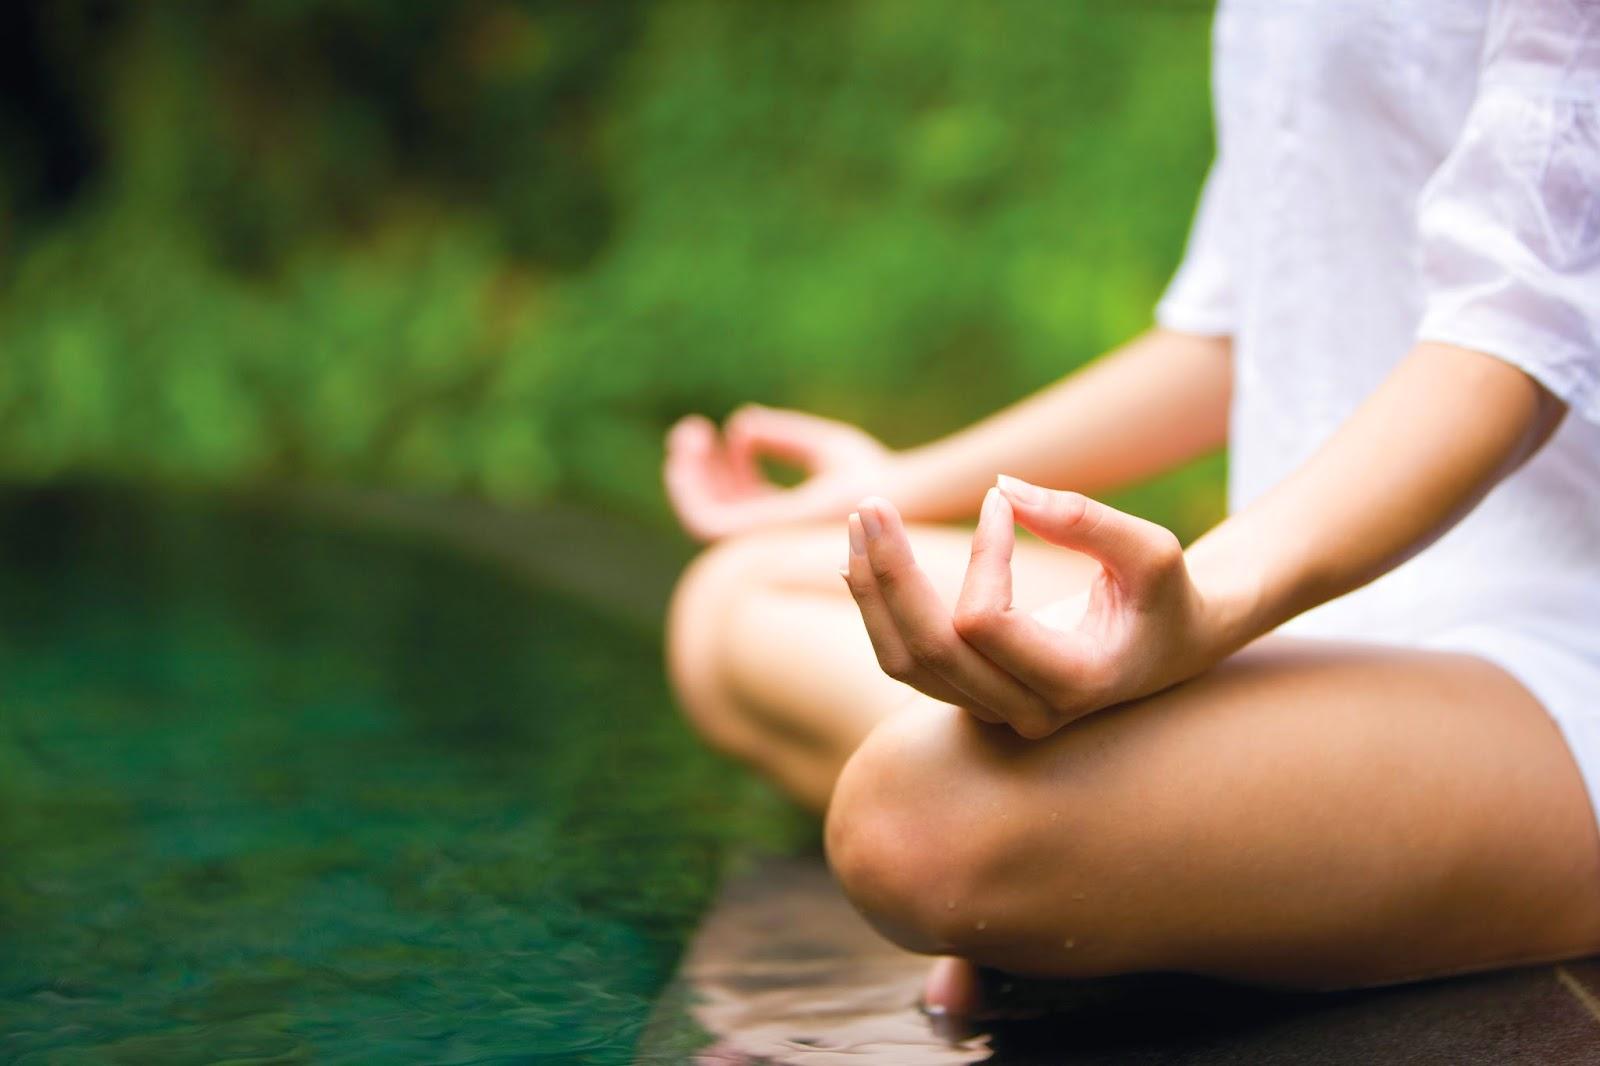 Как открыть йога-центр: юридическое оформление и организация деятельности